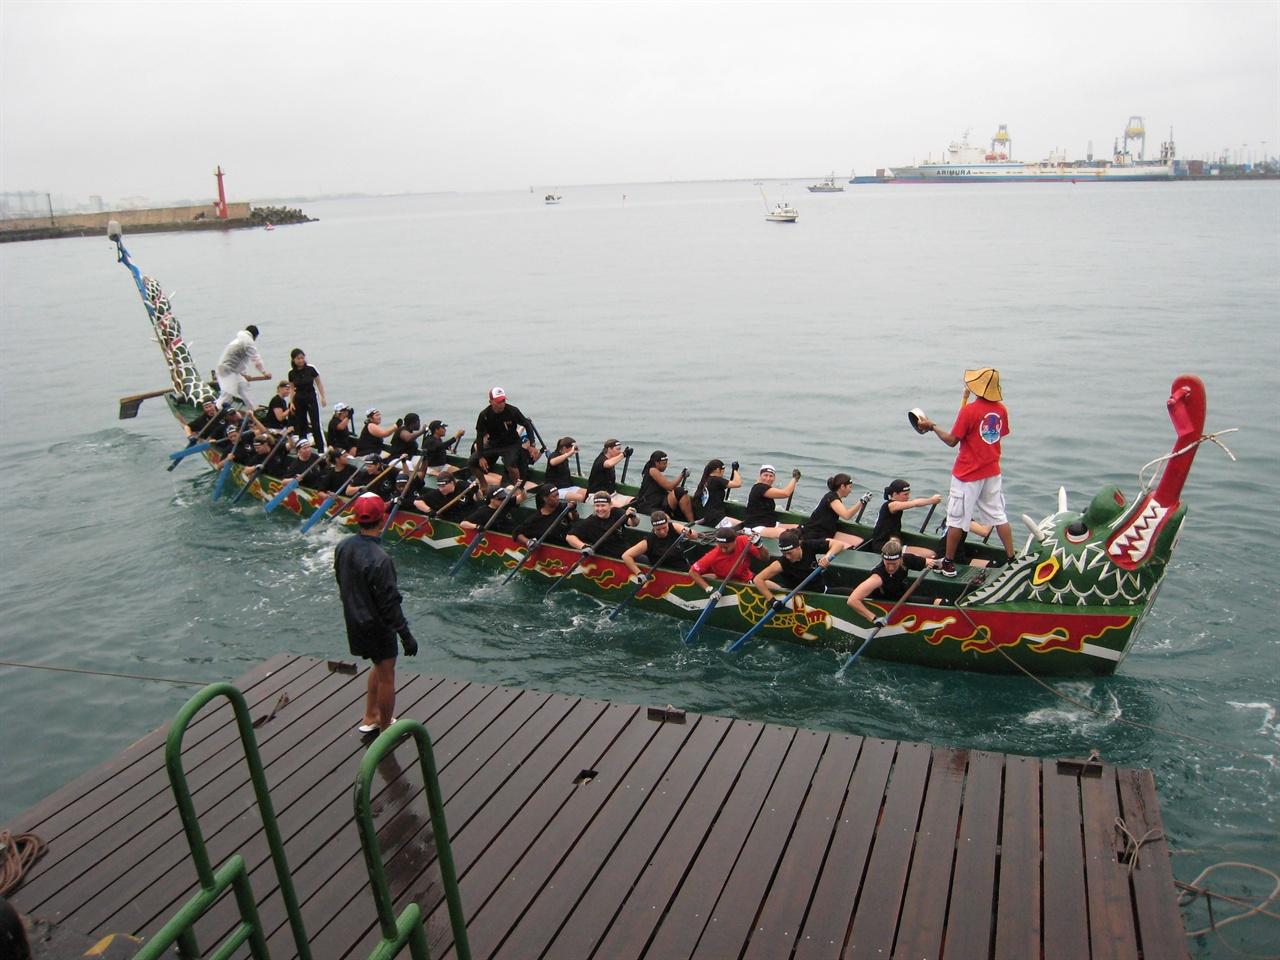 일본 오키나와에선 관광객을 반기는 흥겨운 축제가 자주 열린다.